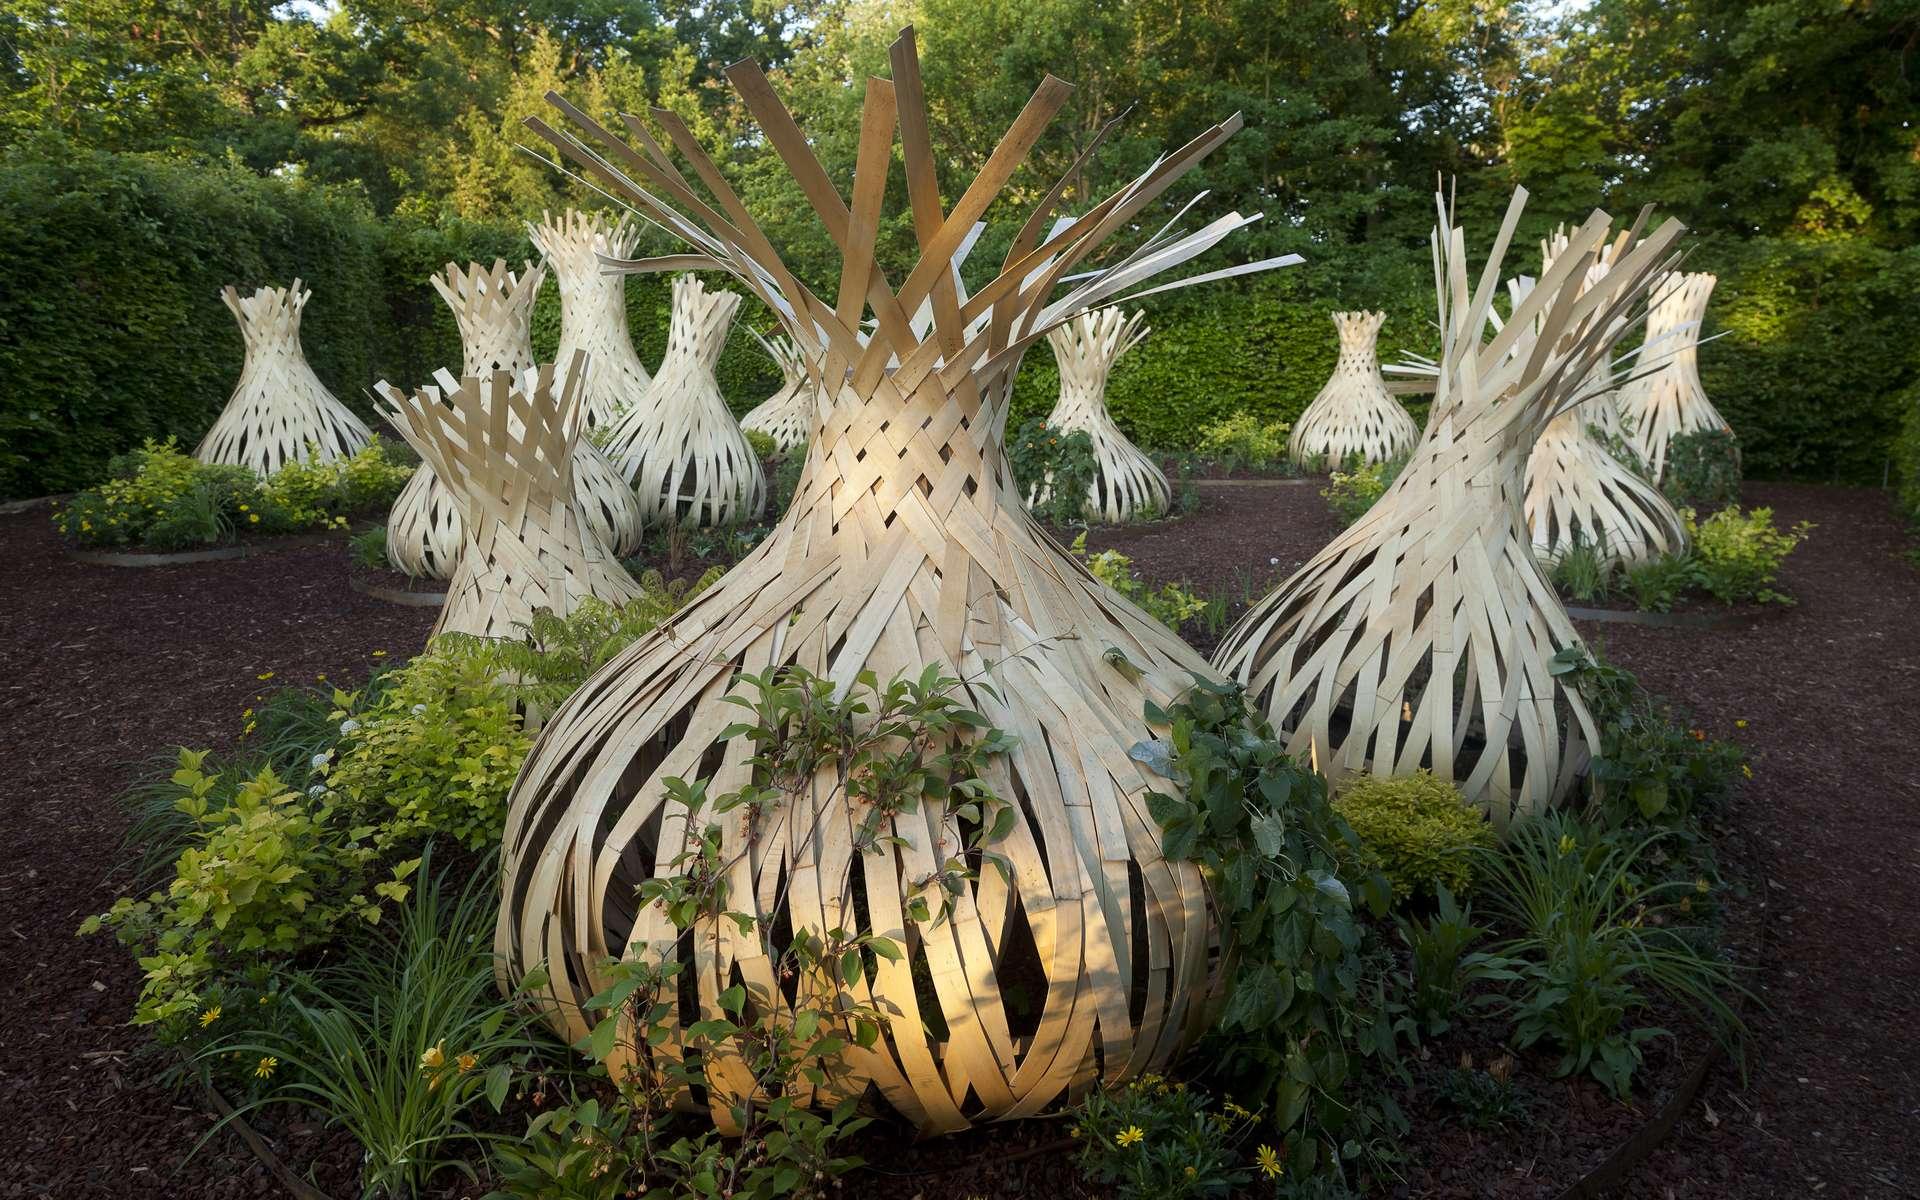 Le festival international des jardins de Chaumont-sur-Loire est un rendez-vous incontournable de l'art des jardins. Créé en 1992, il s'adresse aussi bien aux spécialistes qu'à un large public. © E. Sander, domaine de Chaumont-sur-Loire